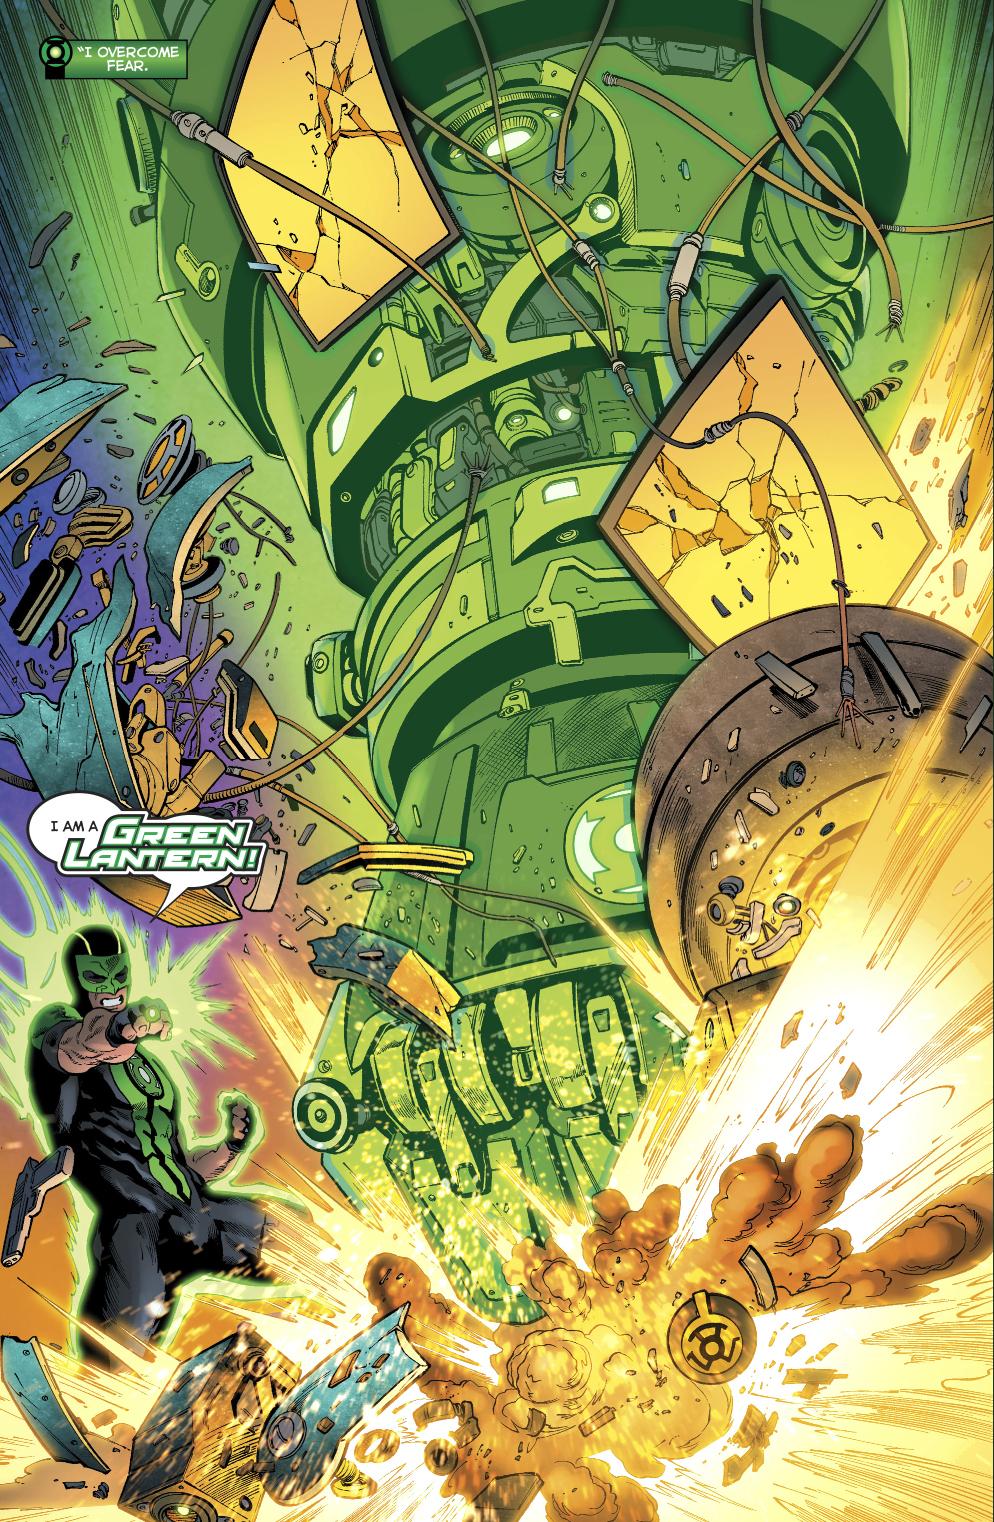 green-lantern-simon-baz-gives-up-his-gun